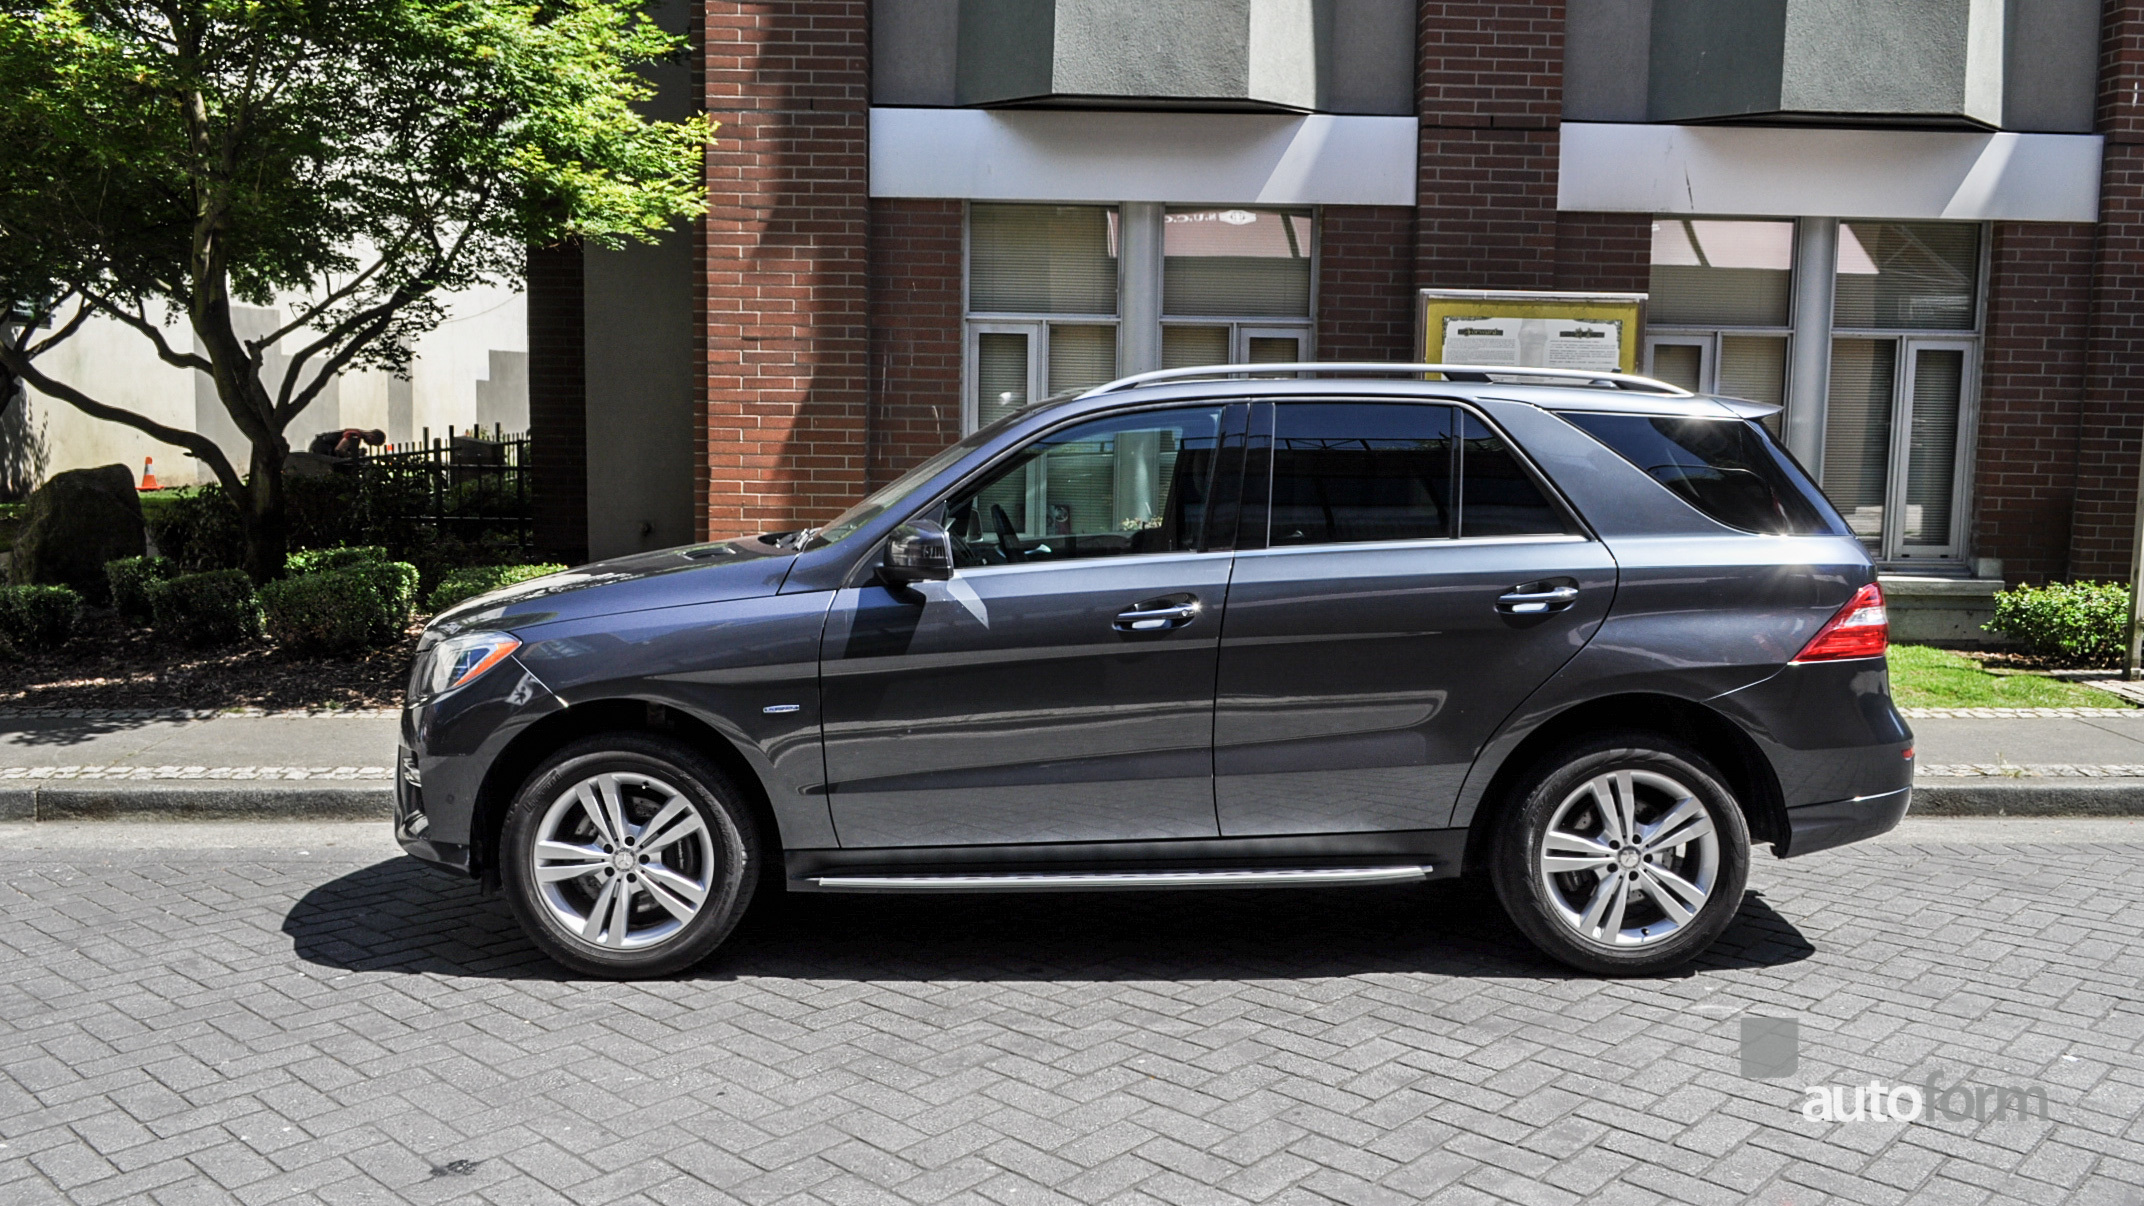 Benz Suv 350 Mercedes Ml